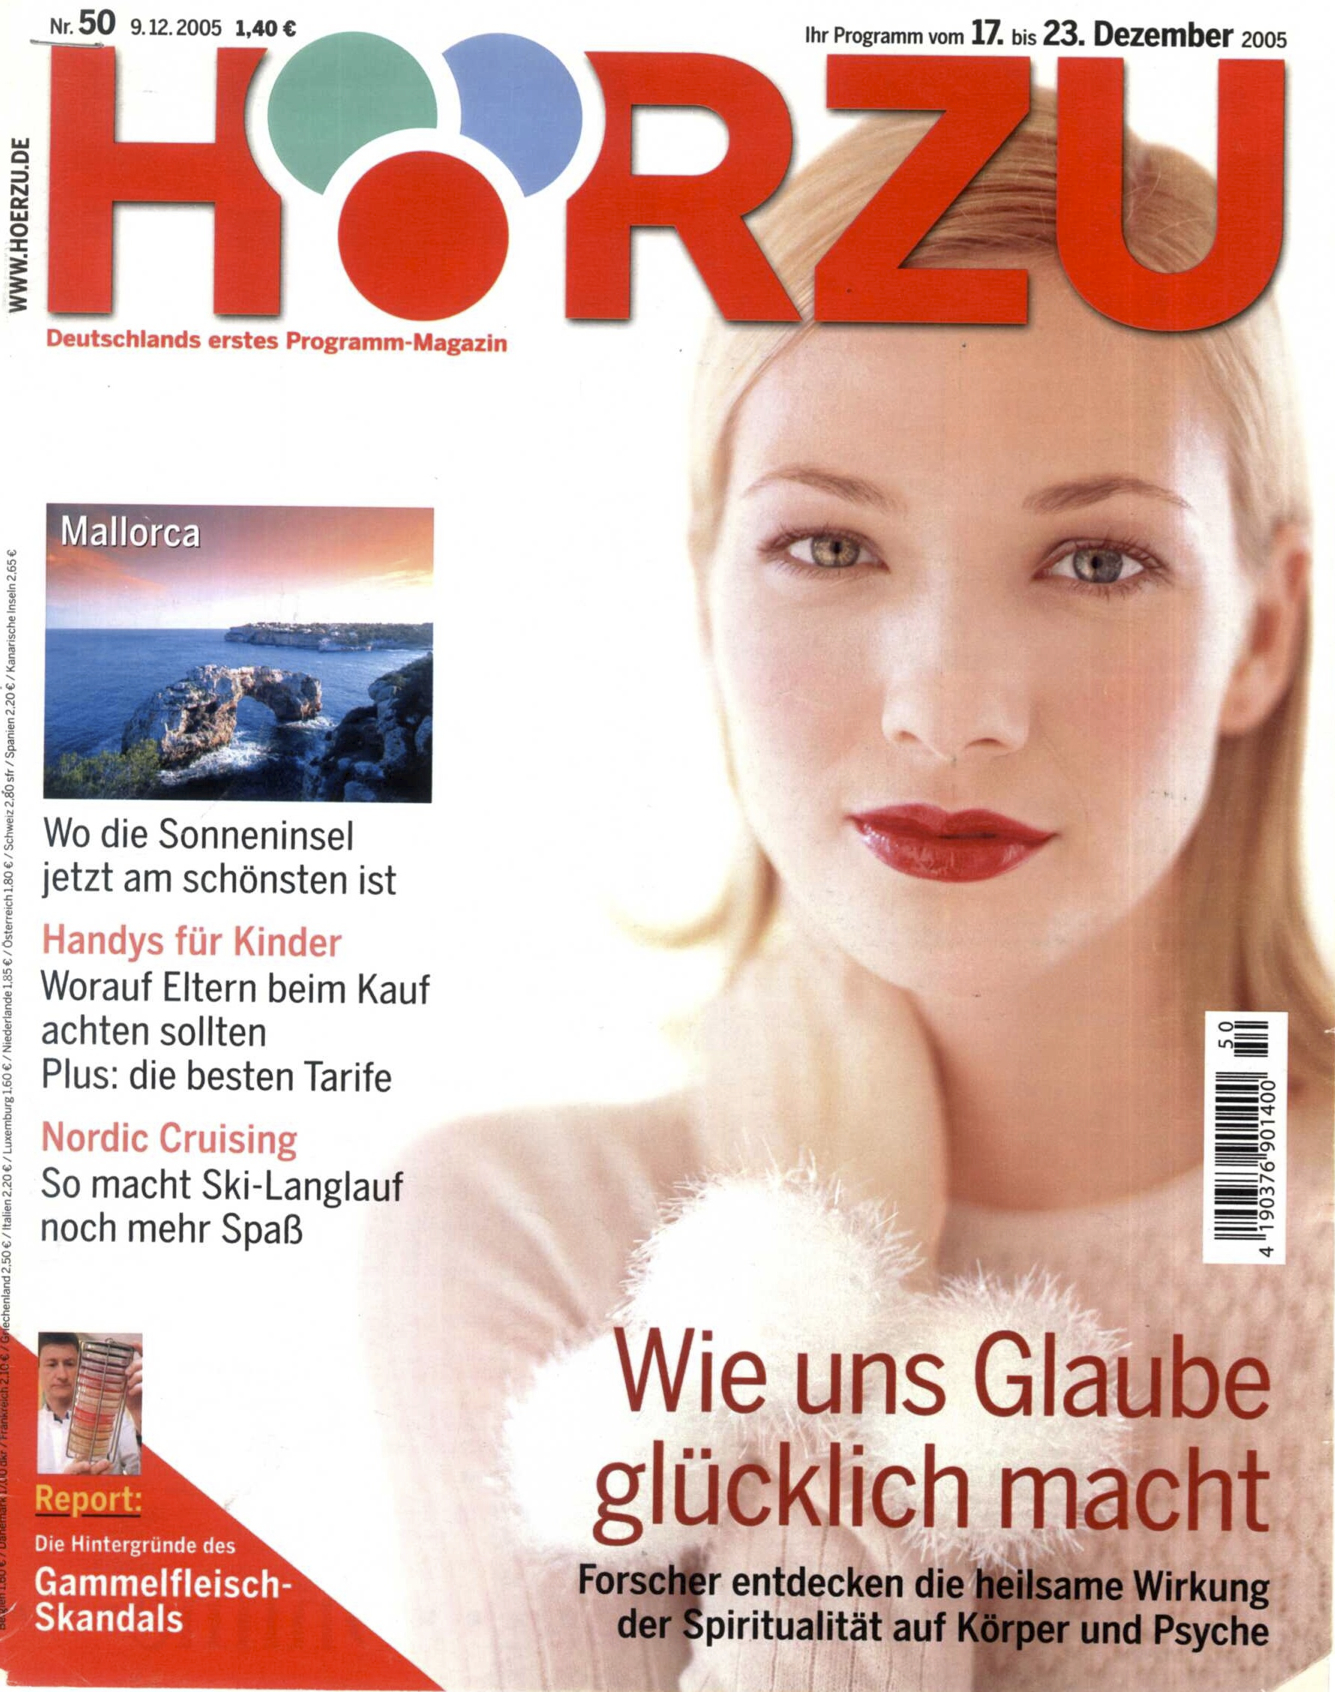 HZ_9.12.2005_Cover.jpg